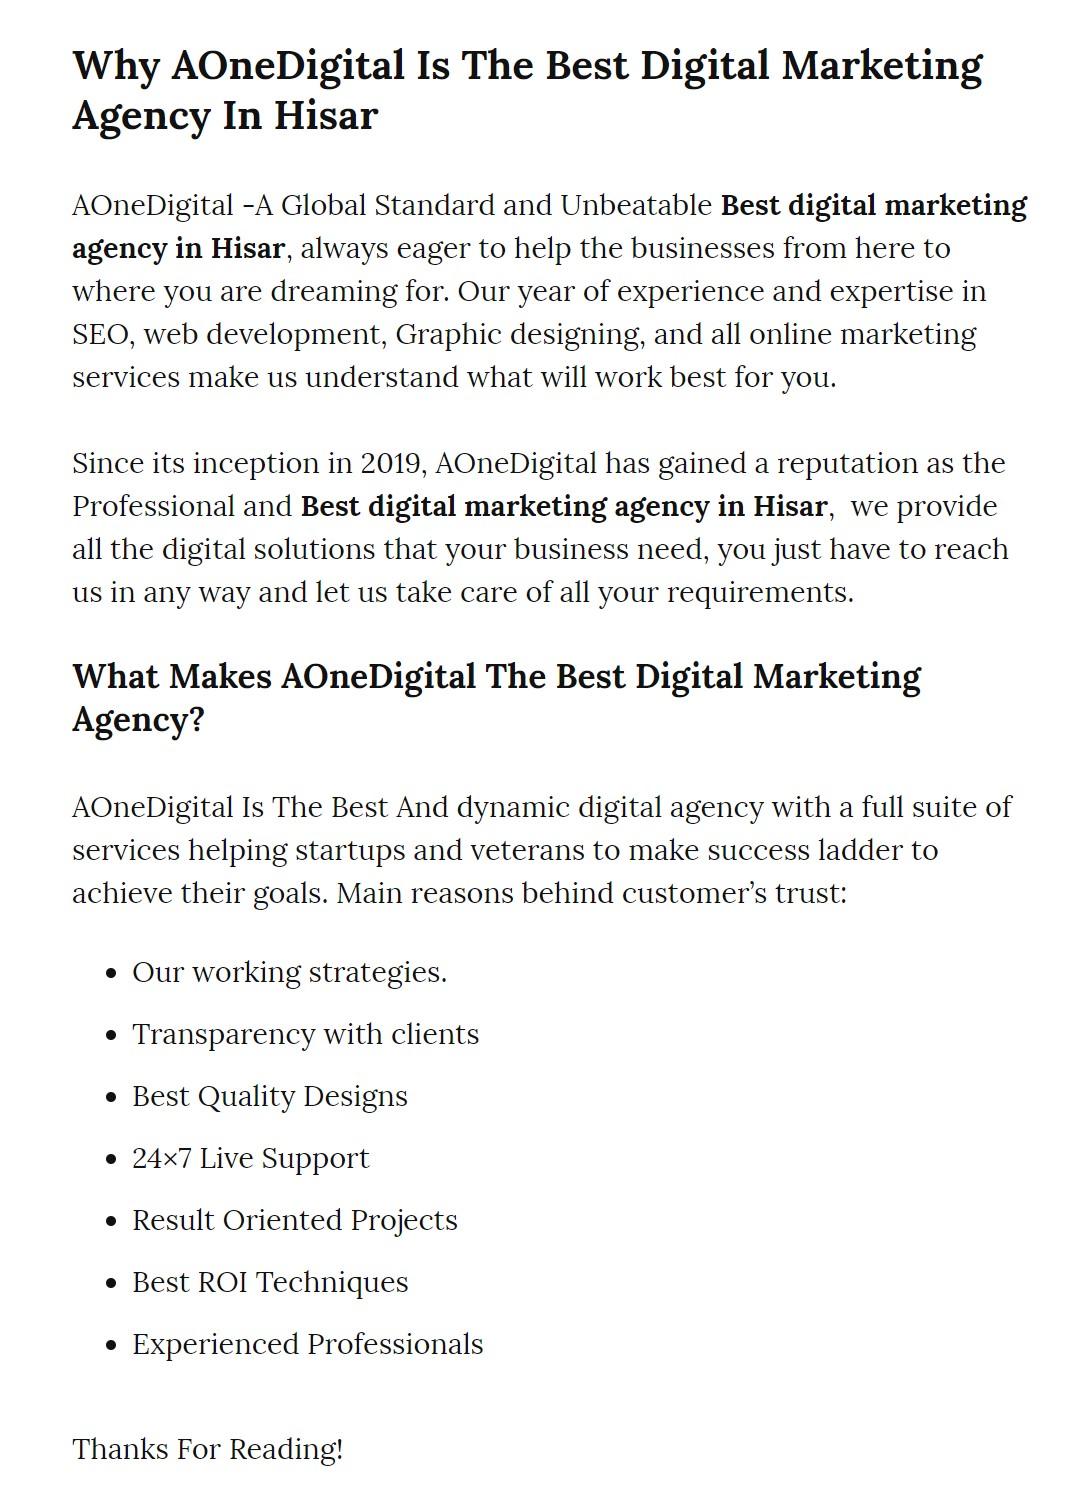 Why AOneDigital Is Best Digital Marketing Agency In Hisar